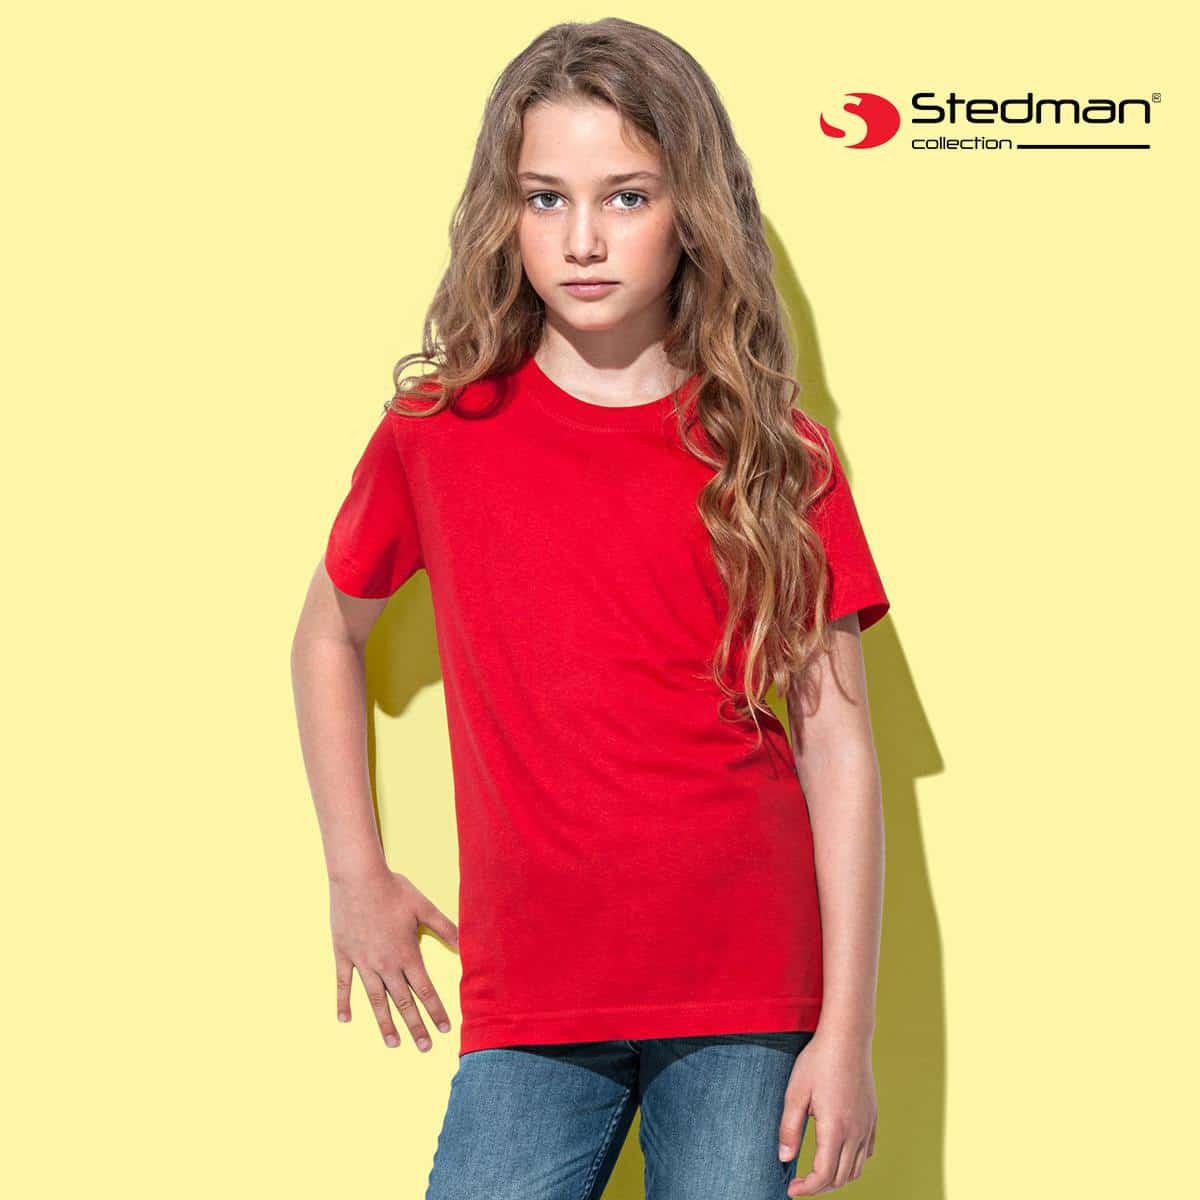 Bambina su sfondo giallo con tshirt rossa manica corta 100% cotone